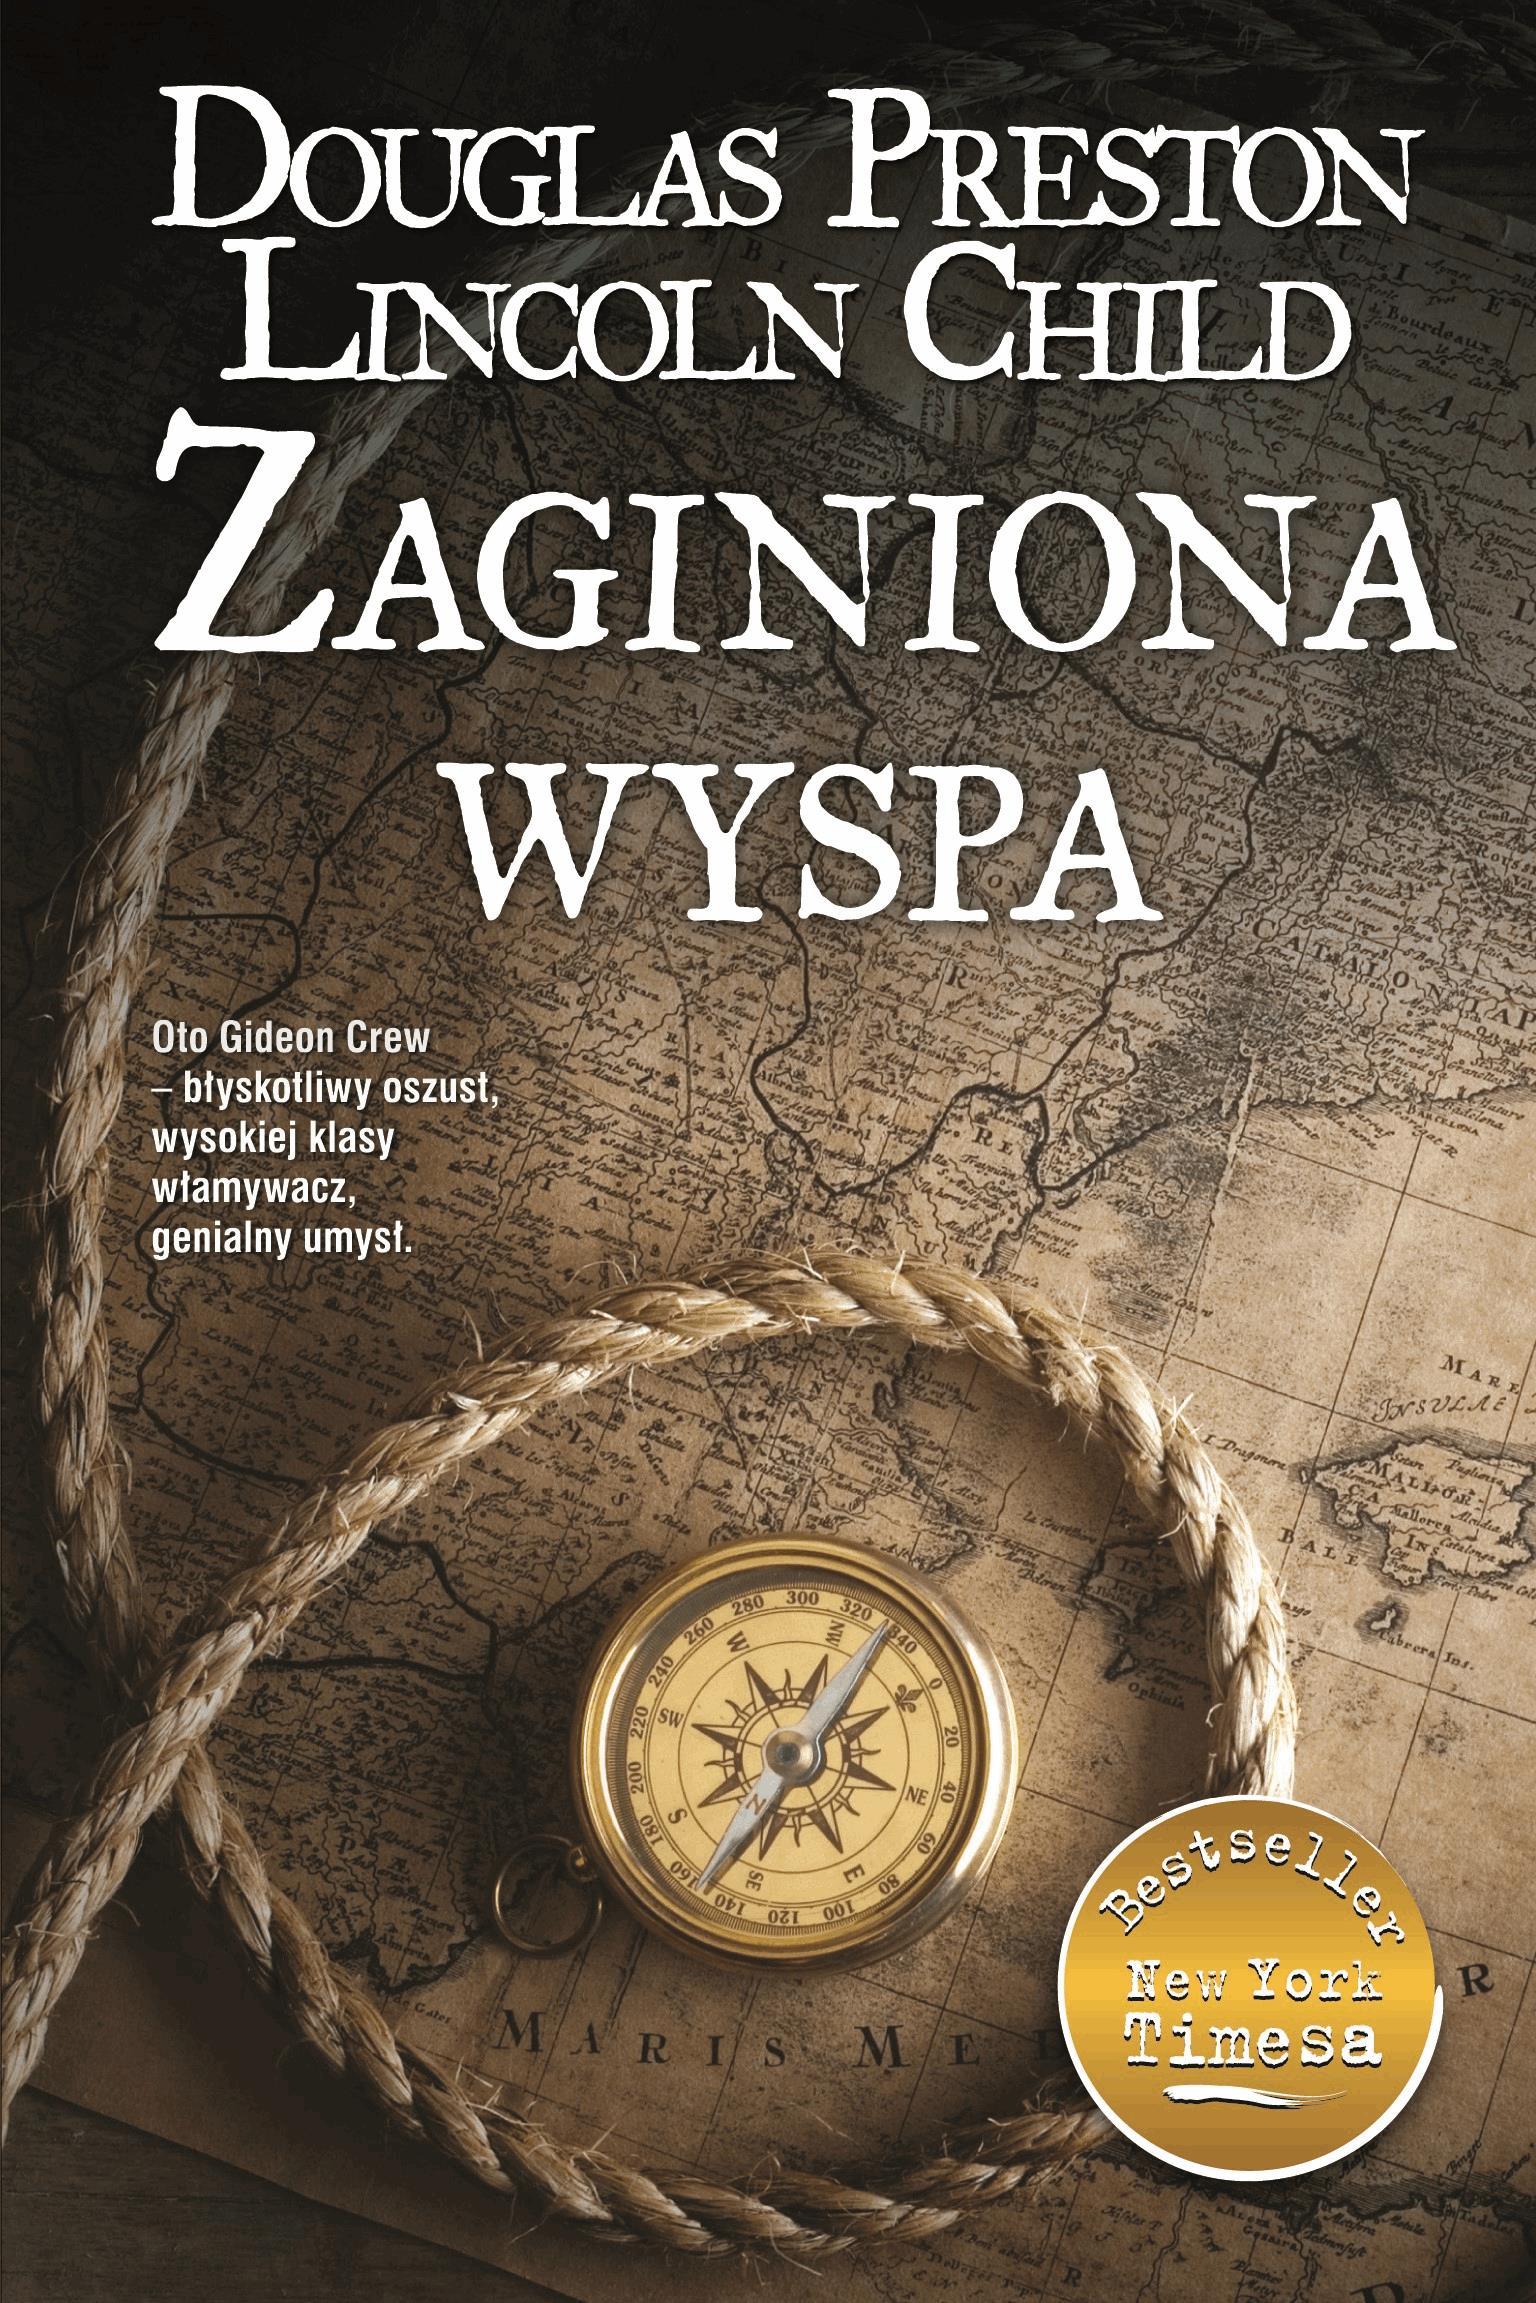 Zaginiona wyspa - Tylko w Legimi możesz przeczytać ten tytuł przez 7 dni za darmo. - Lincoln Child